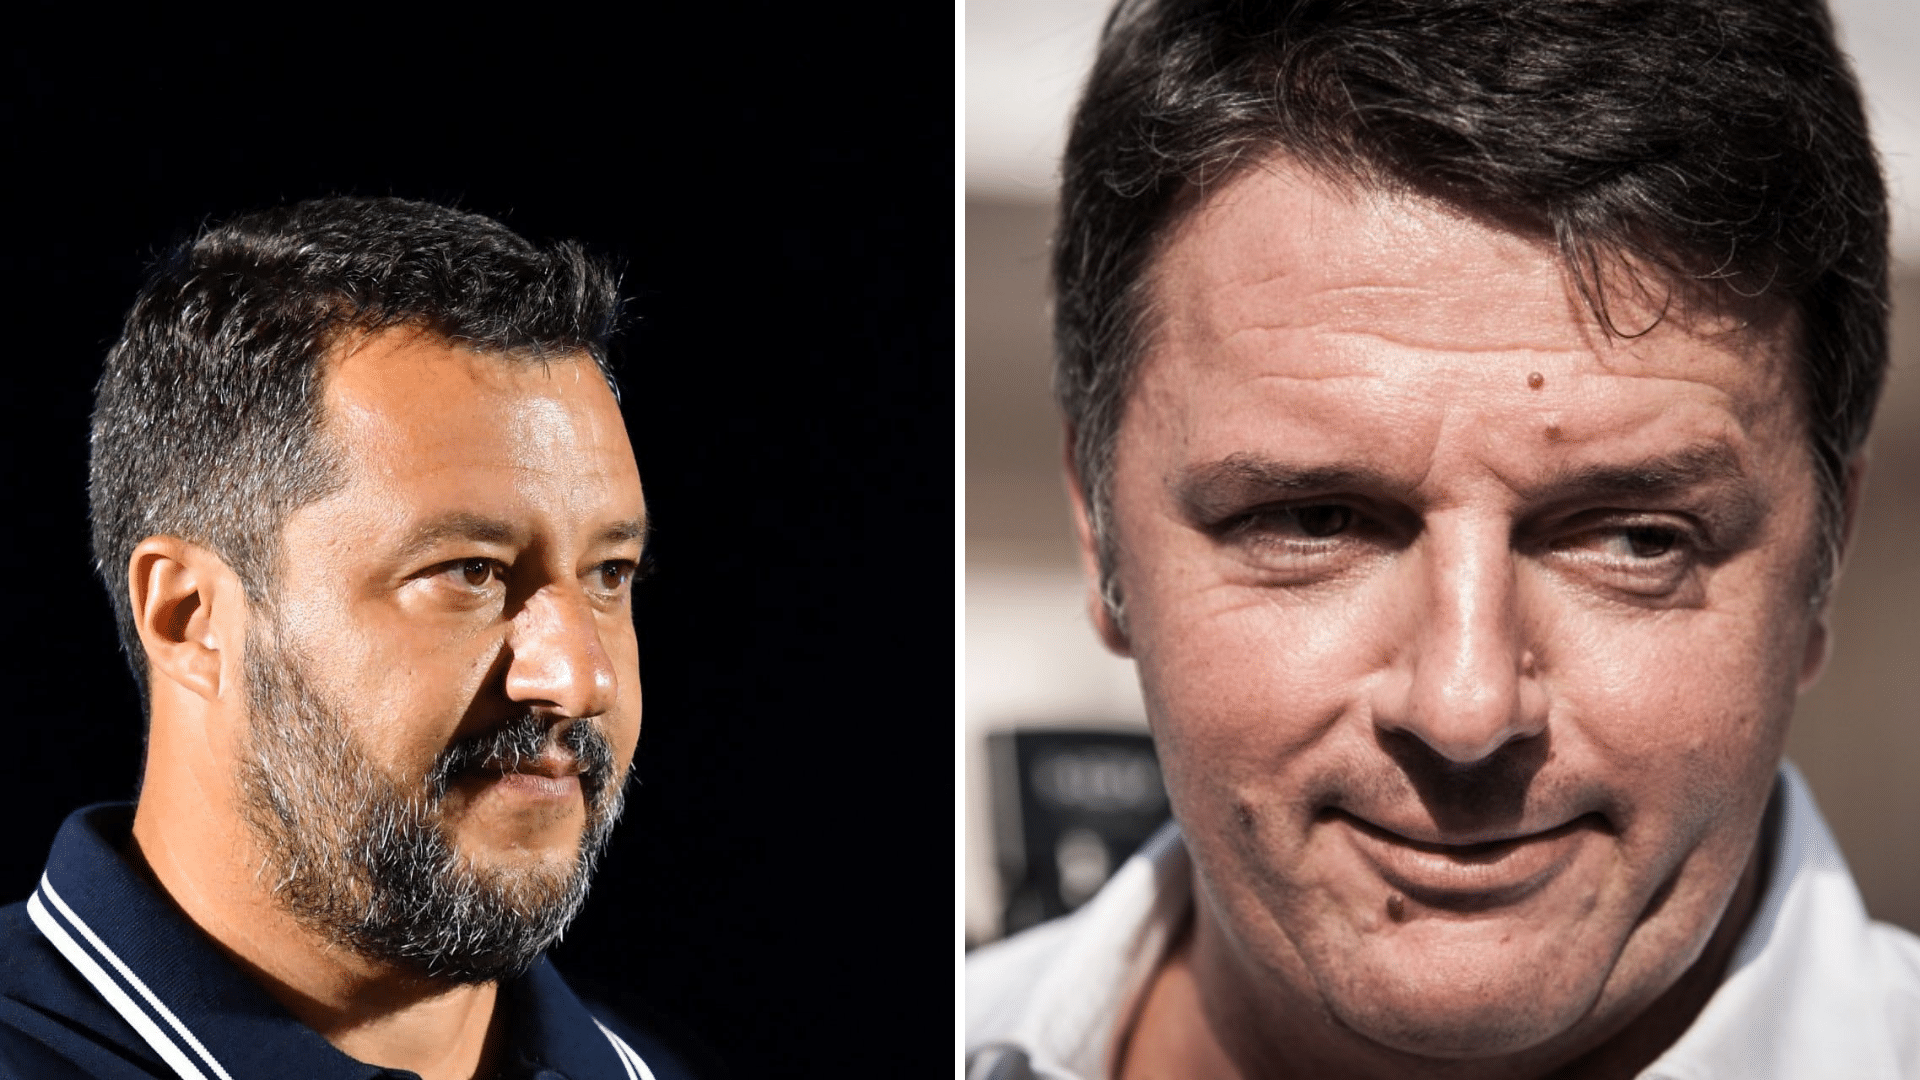 Governo M5S – PD, Salvini, Renzi, Grillo, Berlusconi… Il peggio deve ancora venire